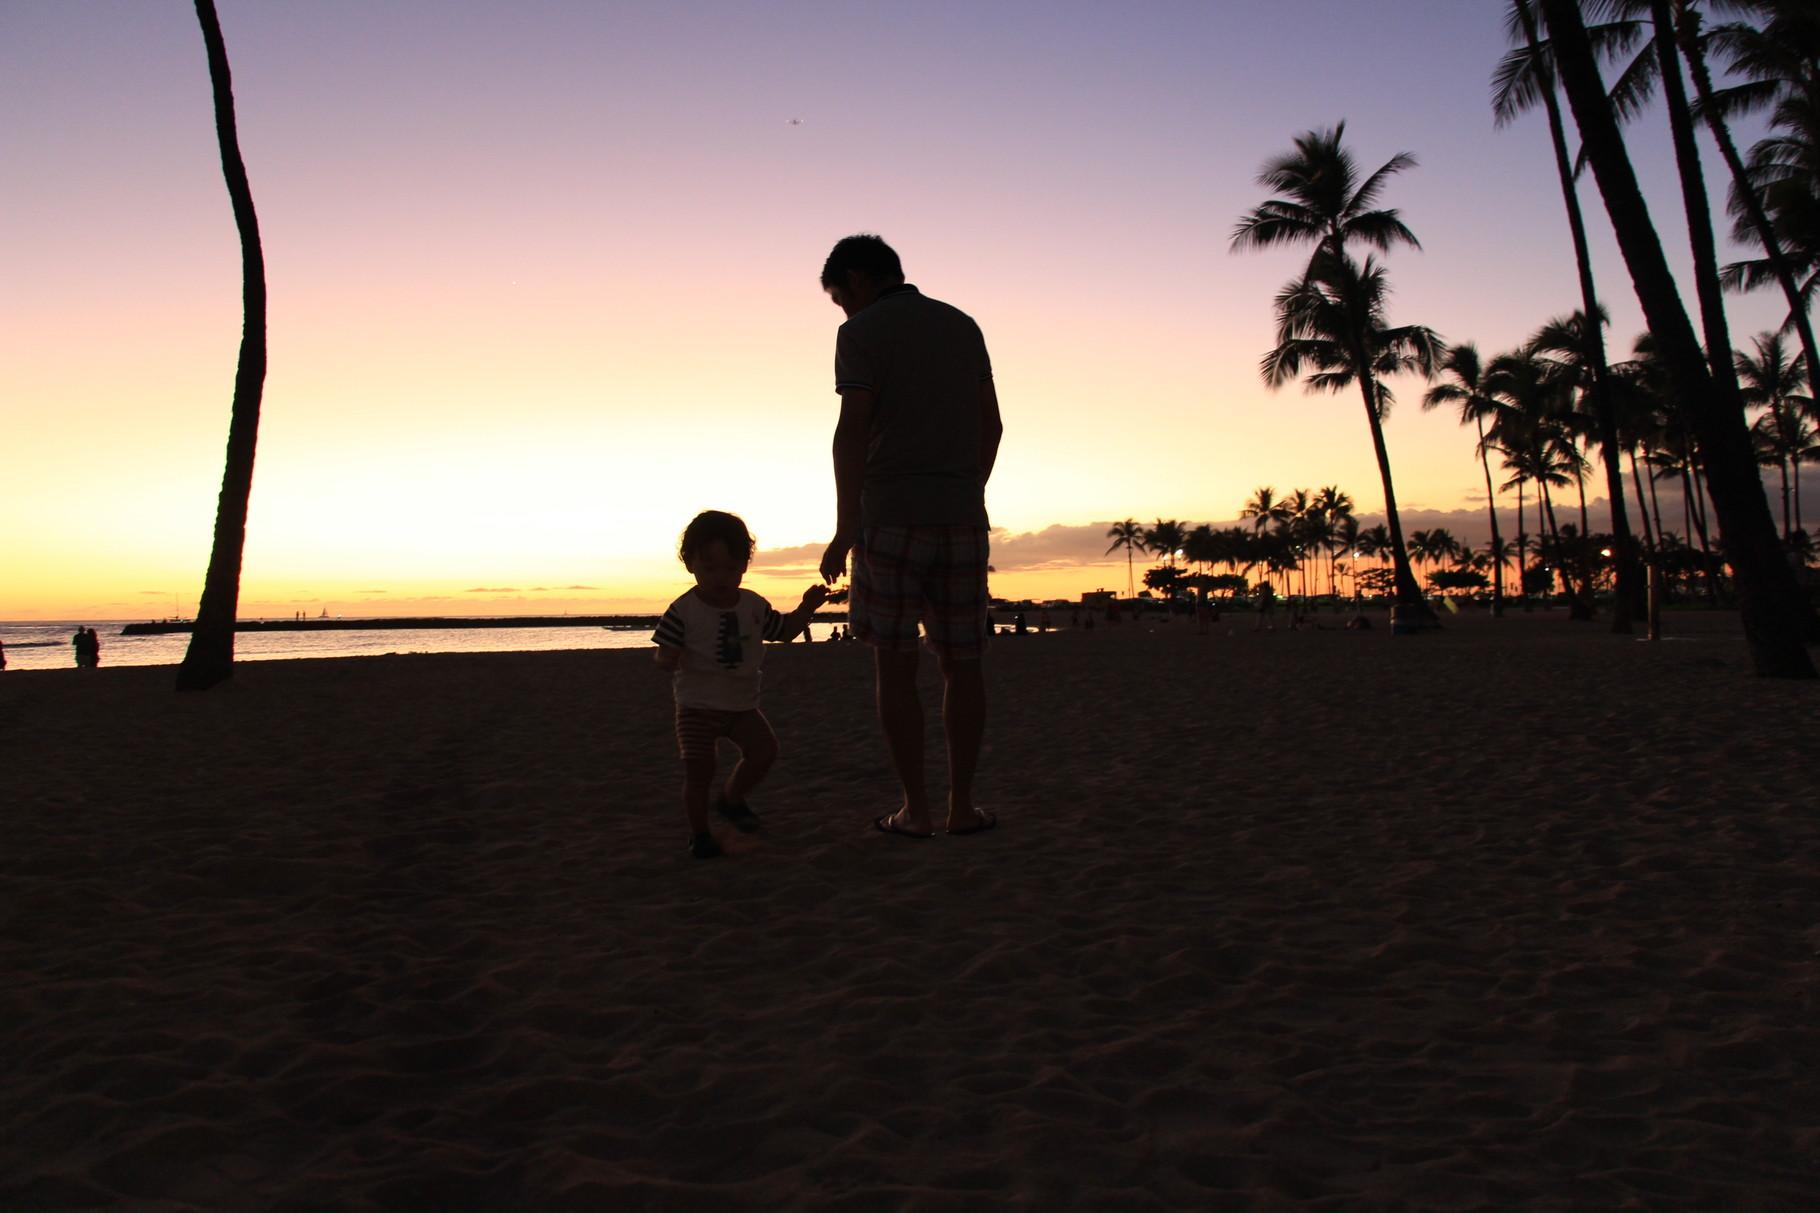 ハワイ ヒルトン前のビーチにて親子ショット